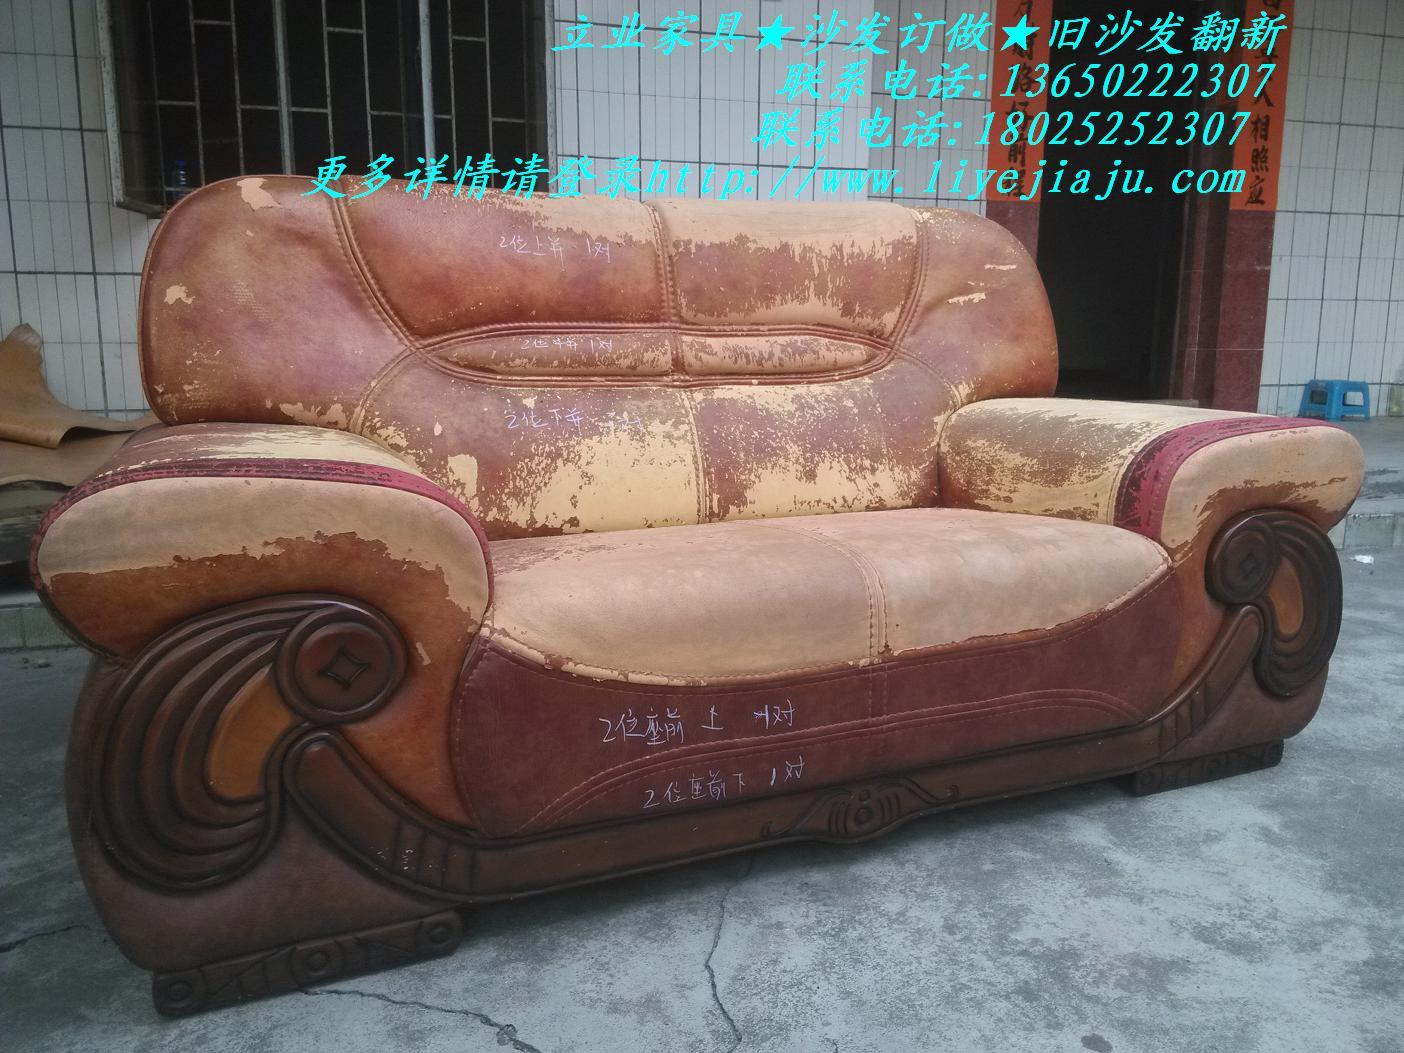 皮沙发维修翻新,沙发换皮换布护理保养